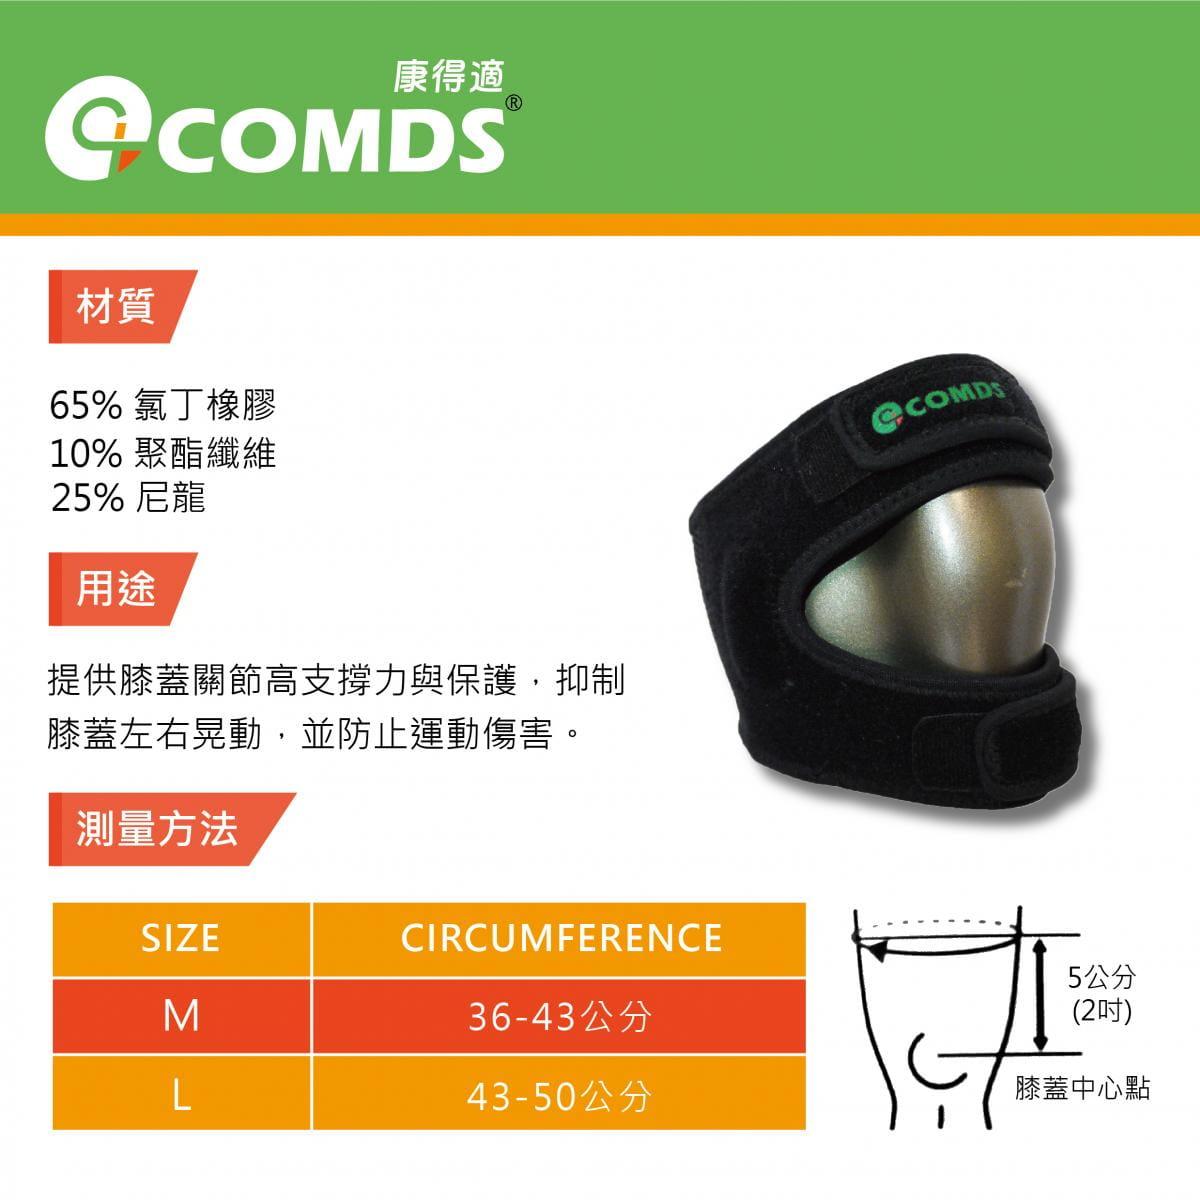 【康得適】VU-02 雙帶型護膝 MIT微笑標章認證 5